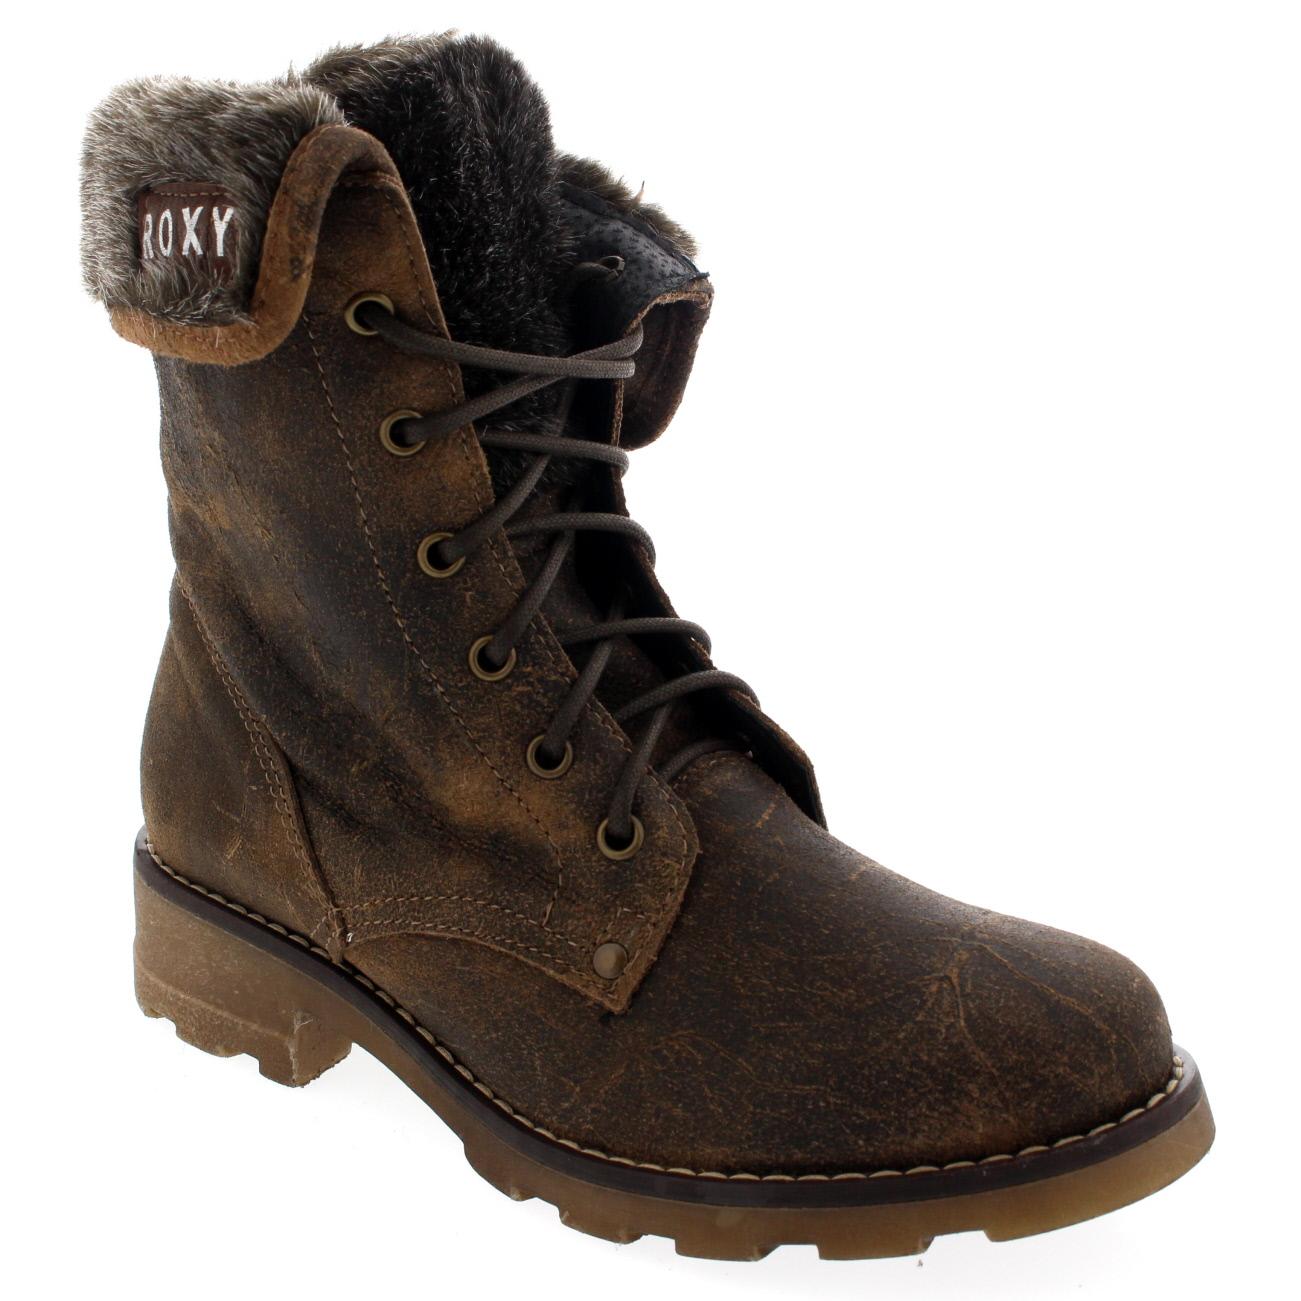 Roxy Jenny Faux Fur Boots